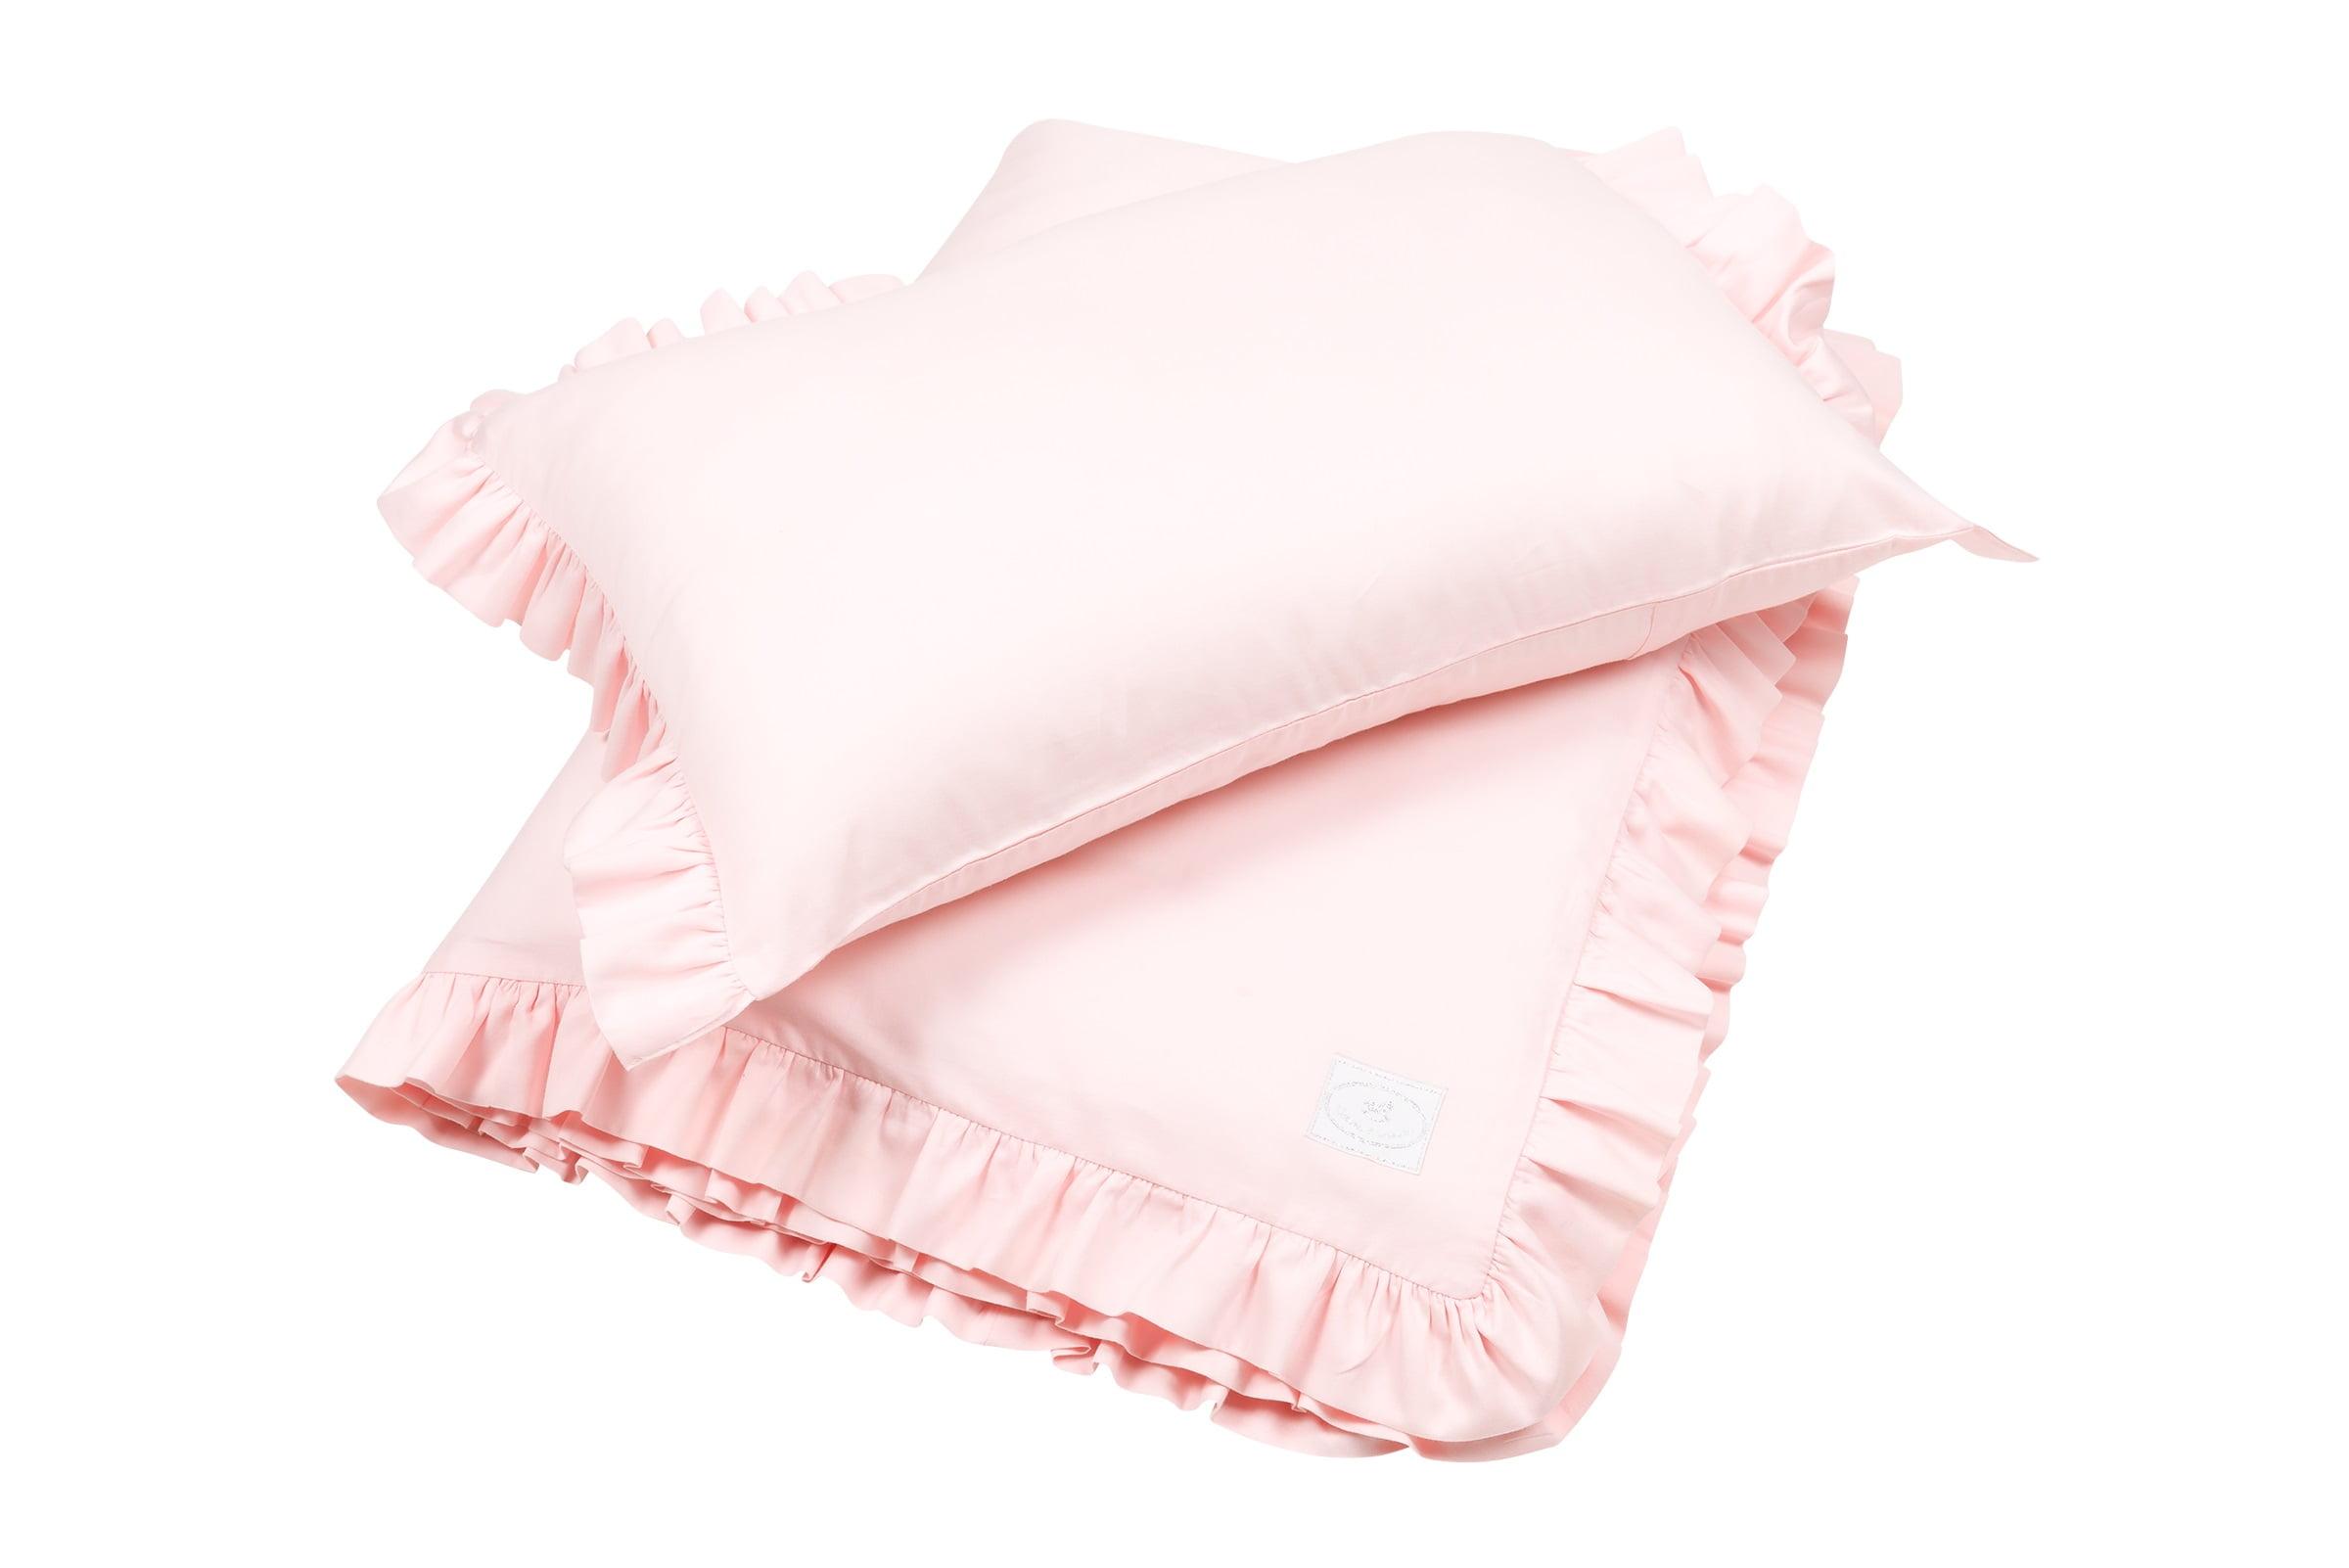 postelna-bielizen-junior-2-dadaboom-sk